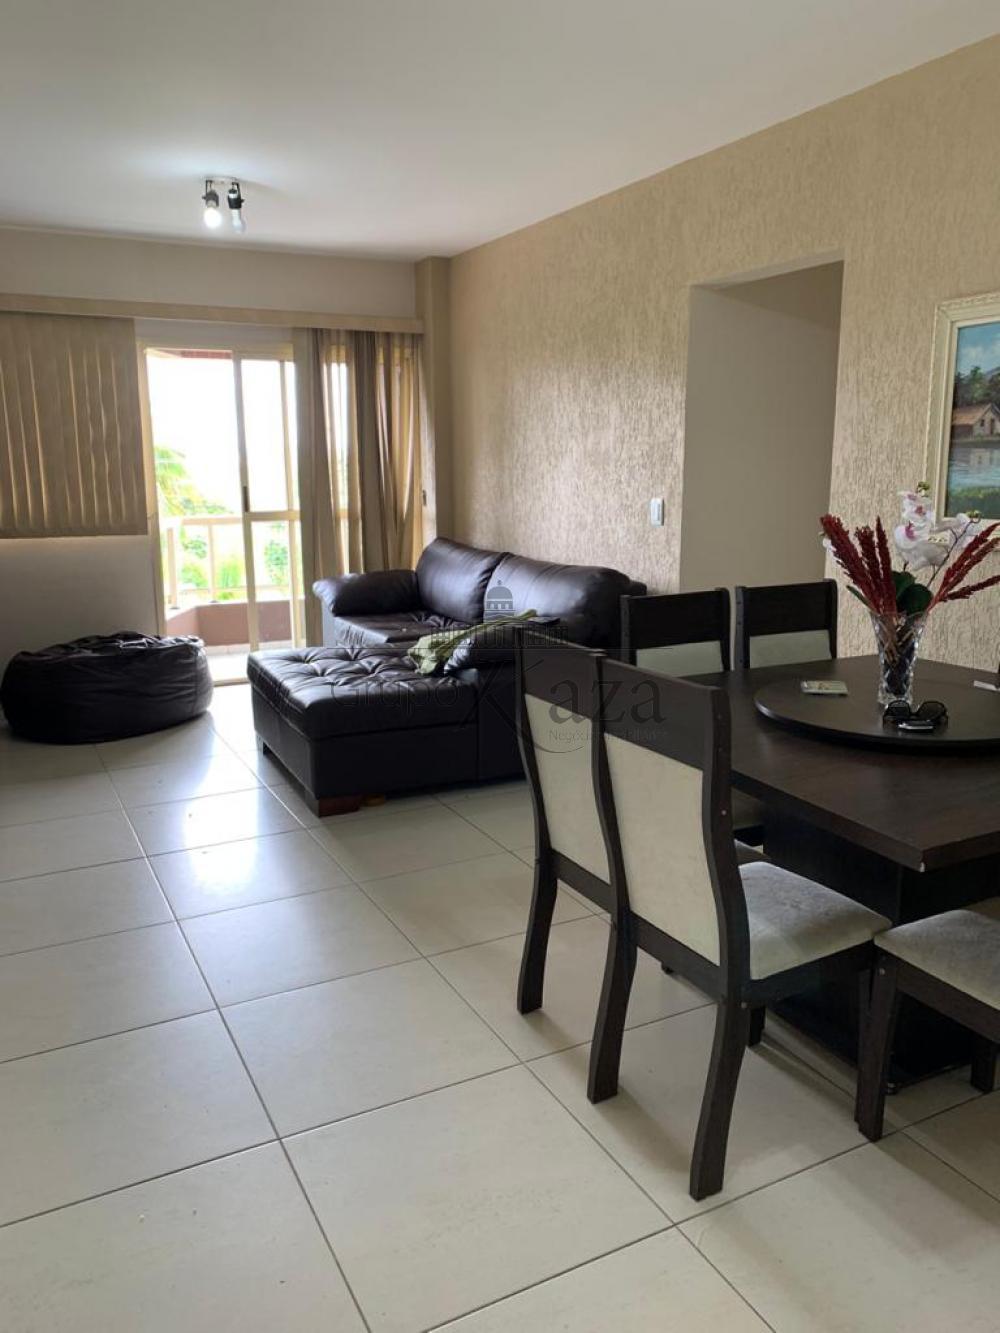 Sao Jose dos Campos Apartamento Venda R$480.000,00 Condominio R$650,00 4 Dormitorios 1 Suite Area construida 120.00m2